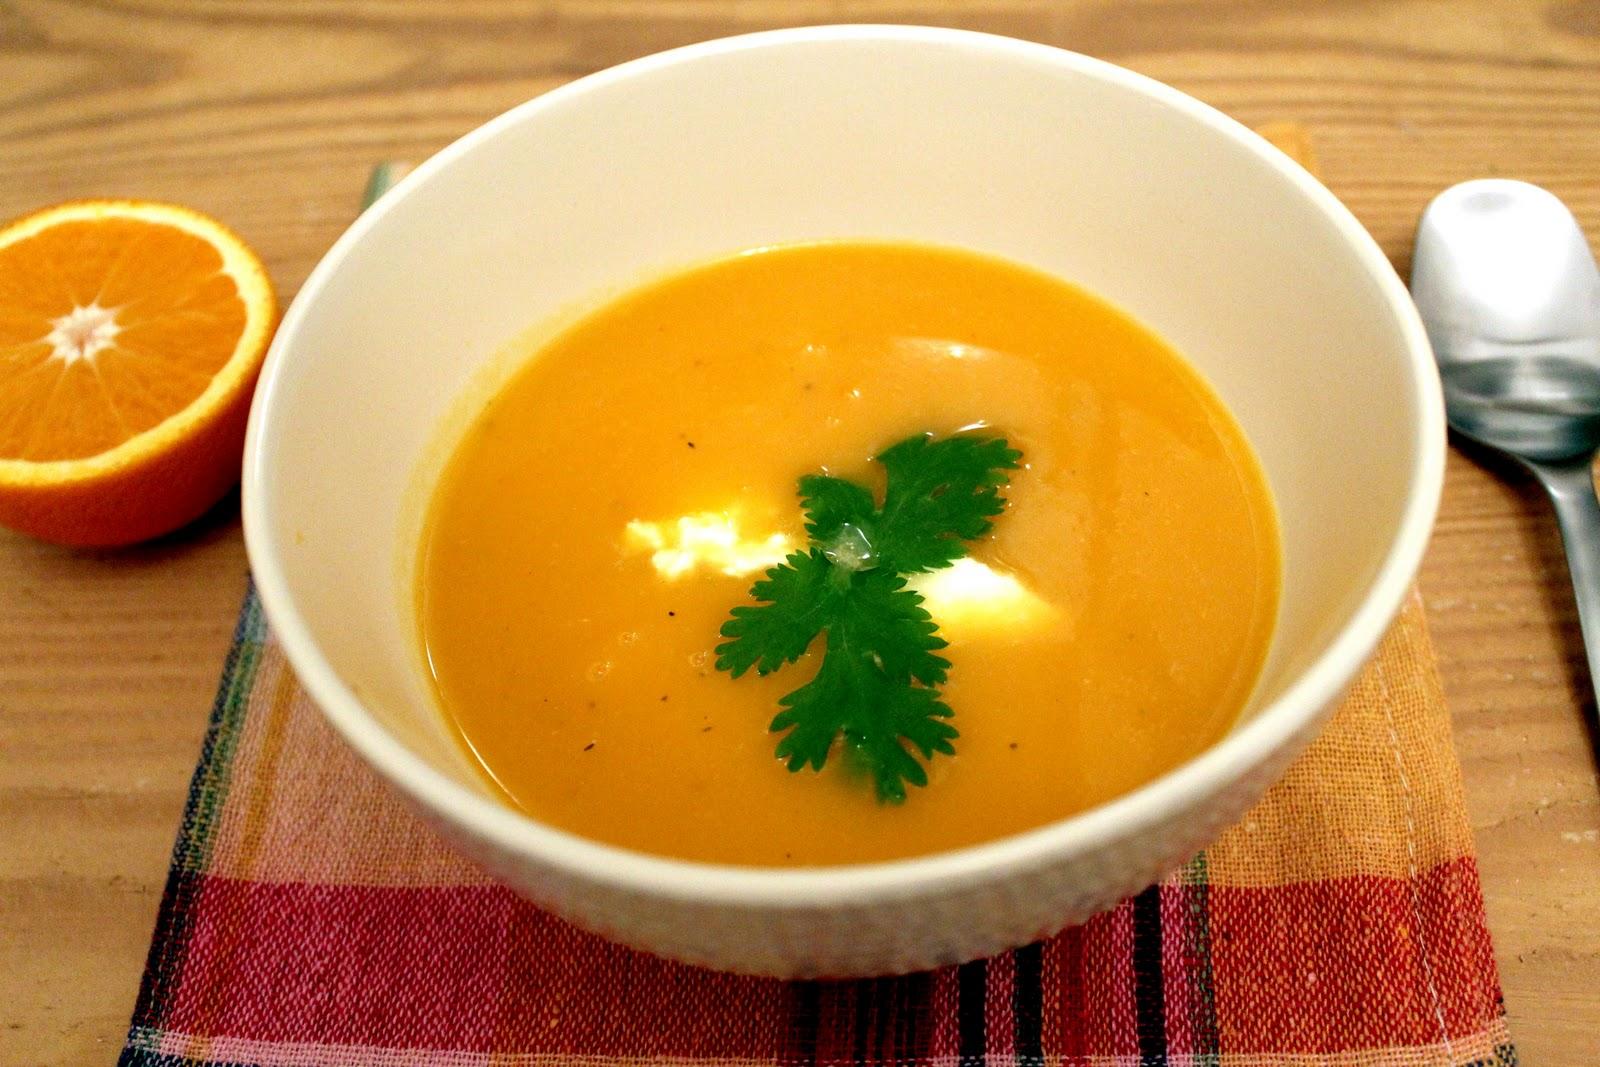 Тыква это достаточно сладкий овощ, поэтому все супы из нее получаются такими же сладкими, но добавить вкусу новый и интересный оттенок помогут разнообразные специи.